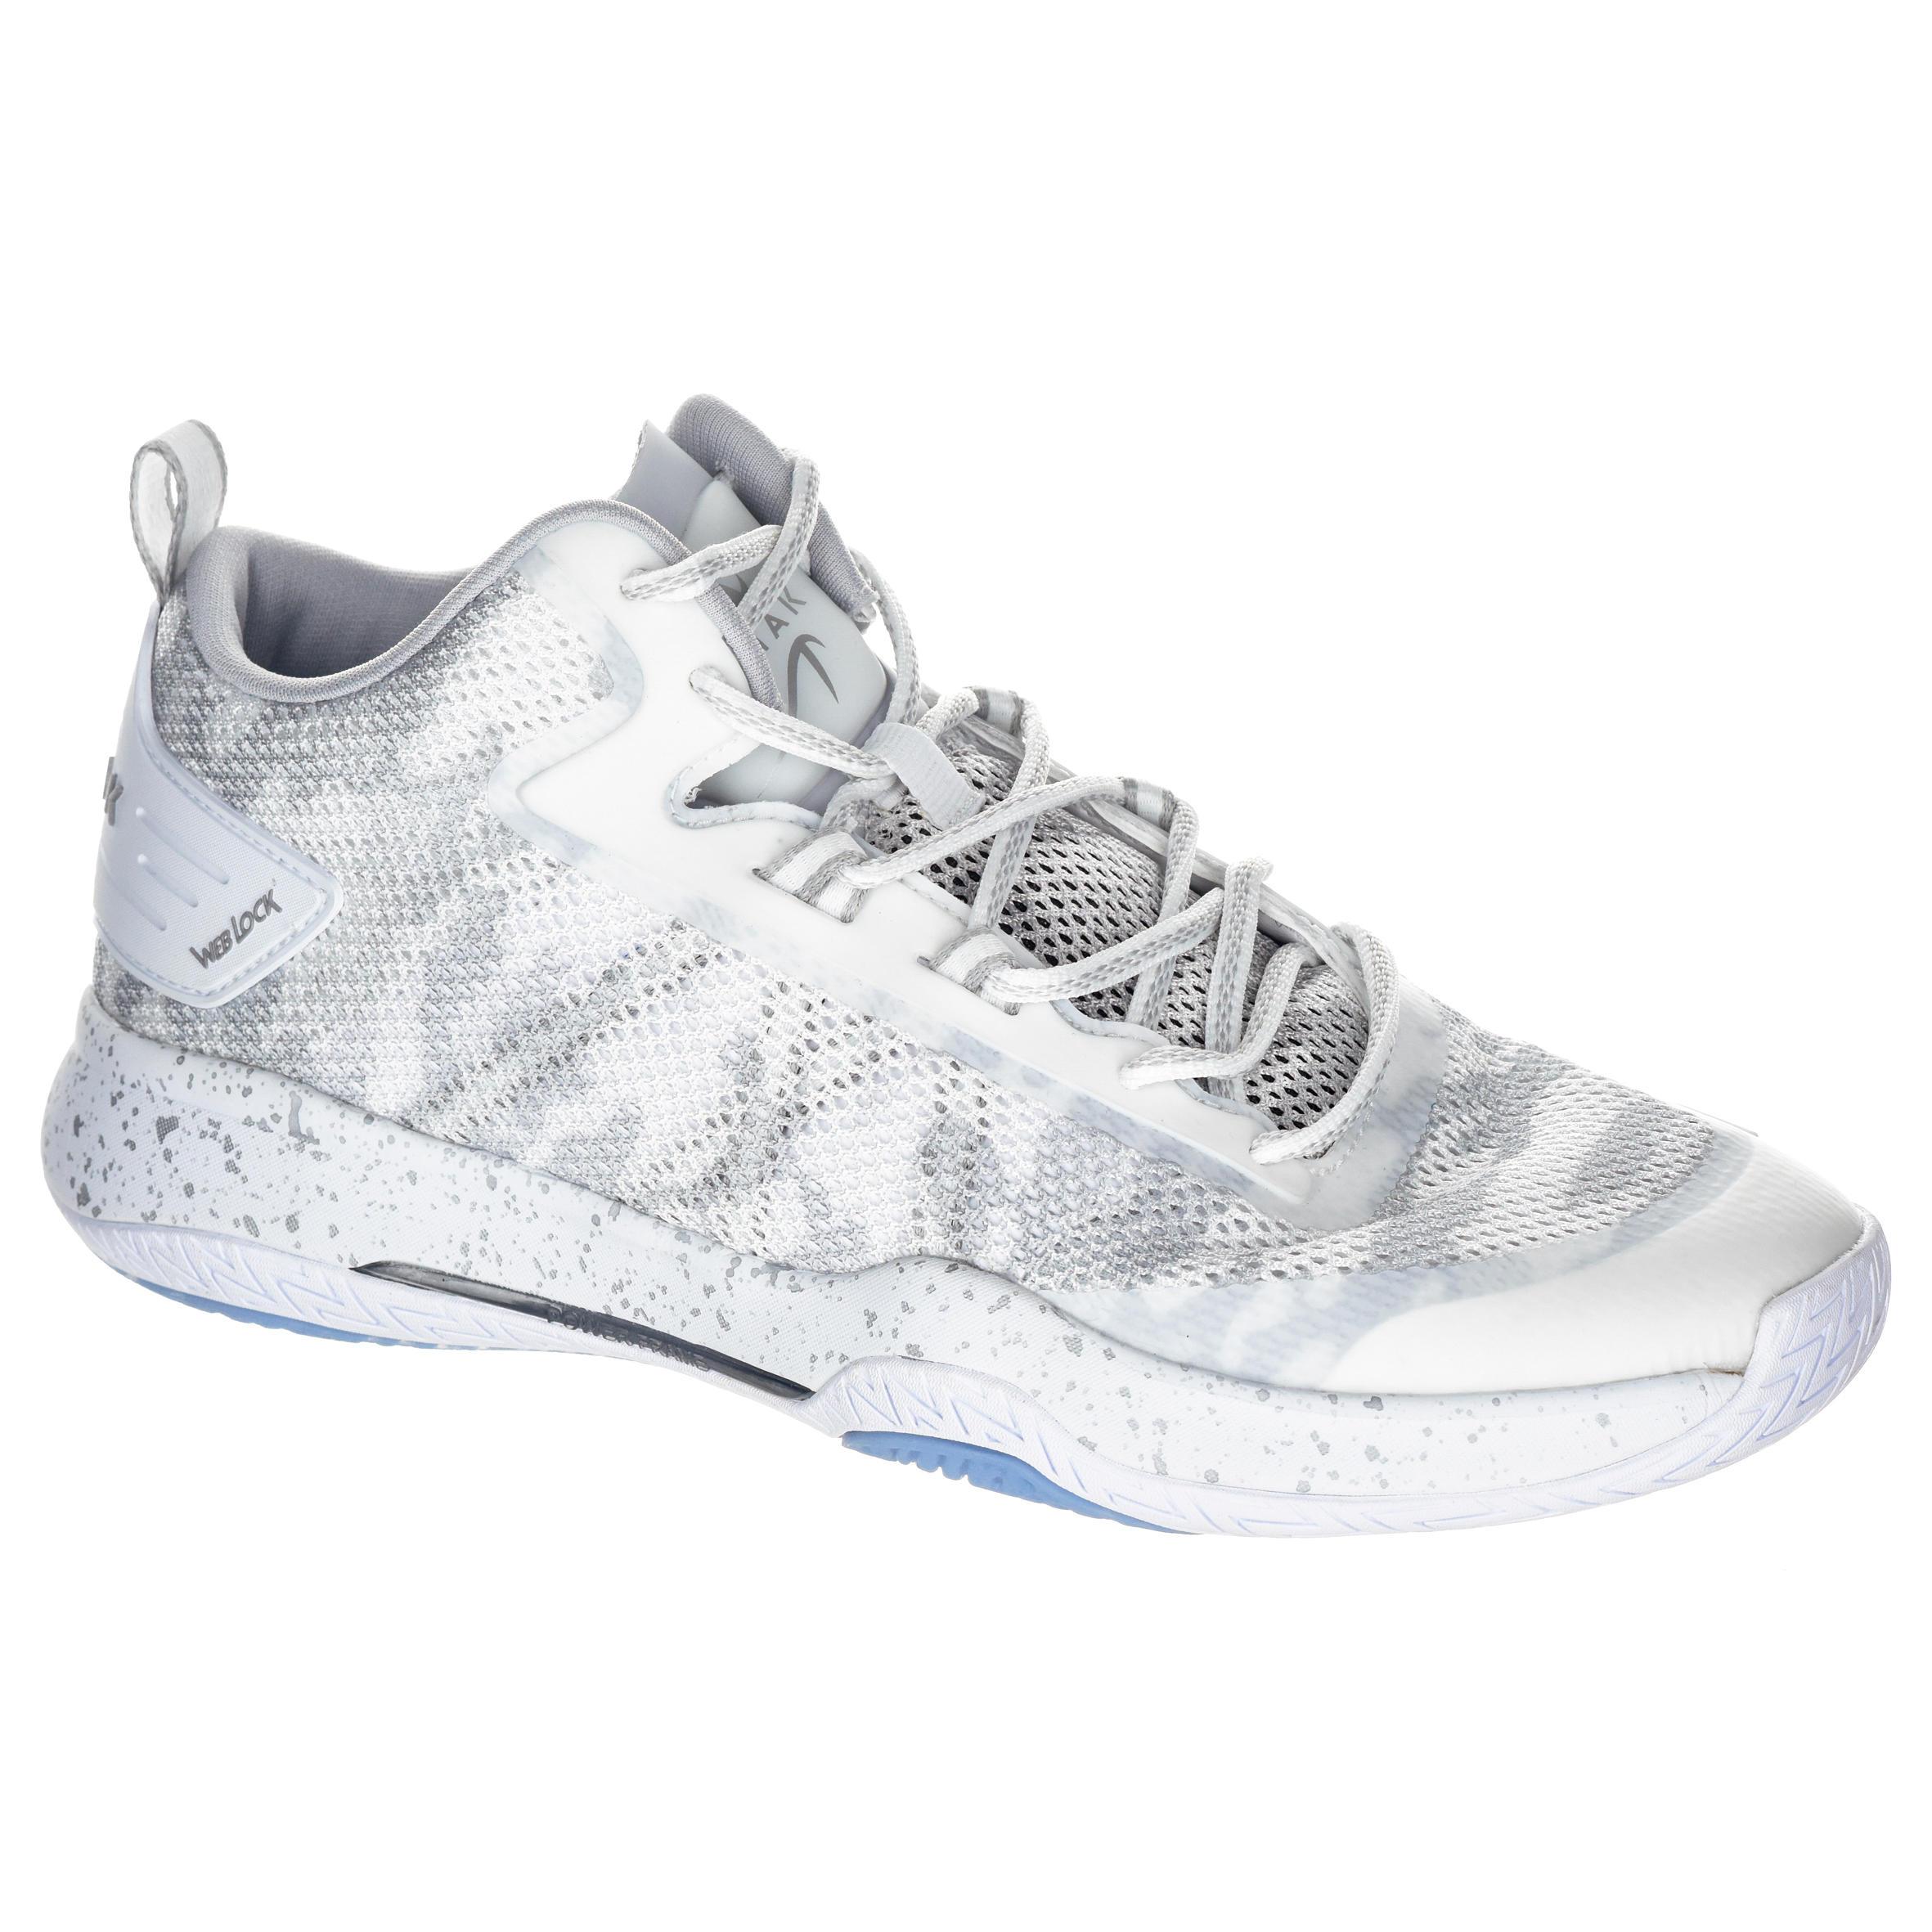 2588916 Tarmak Basketbalschoenen volwassenen H/D halfgevorderden SC 500 mid wit